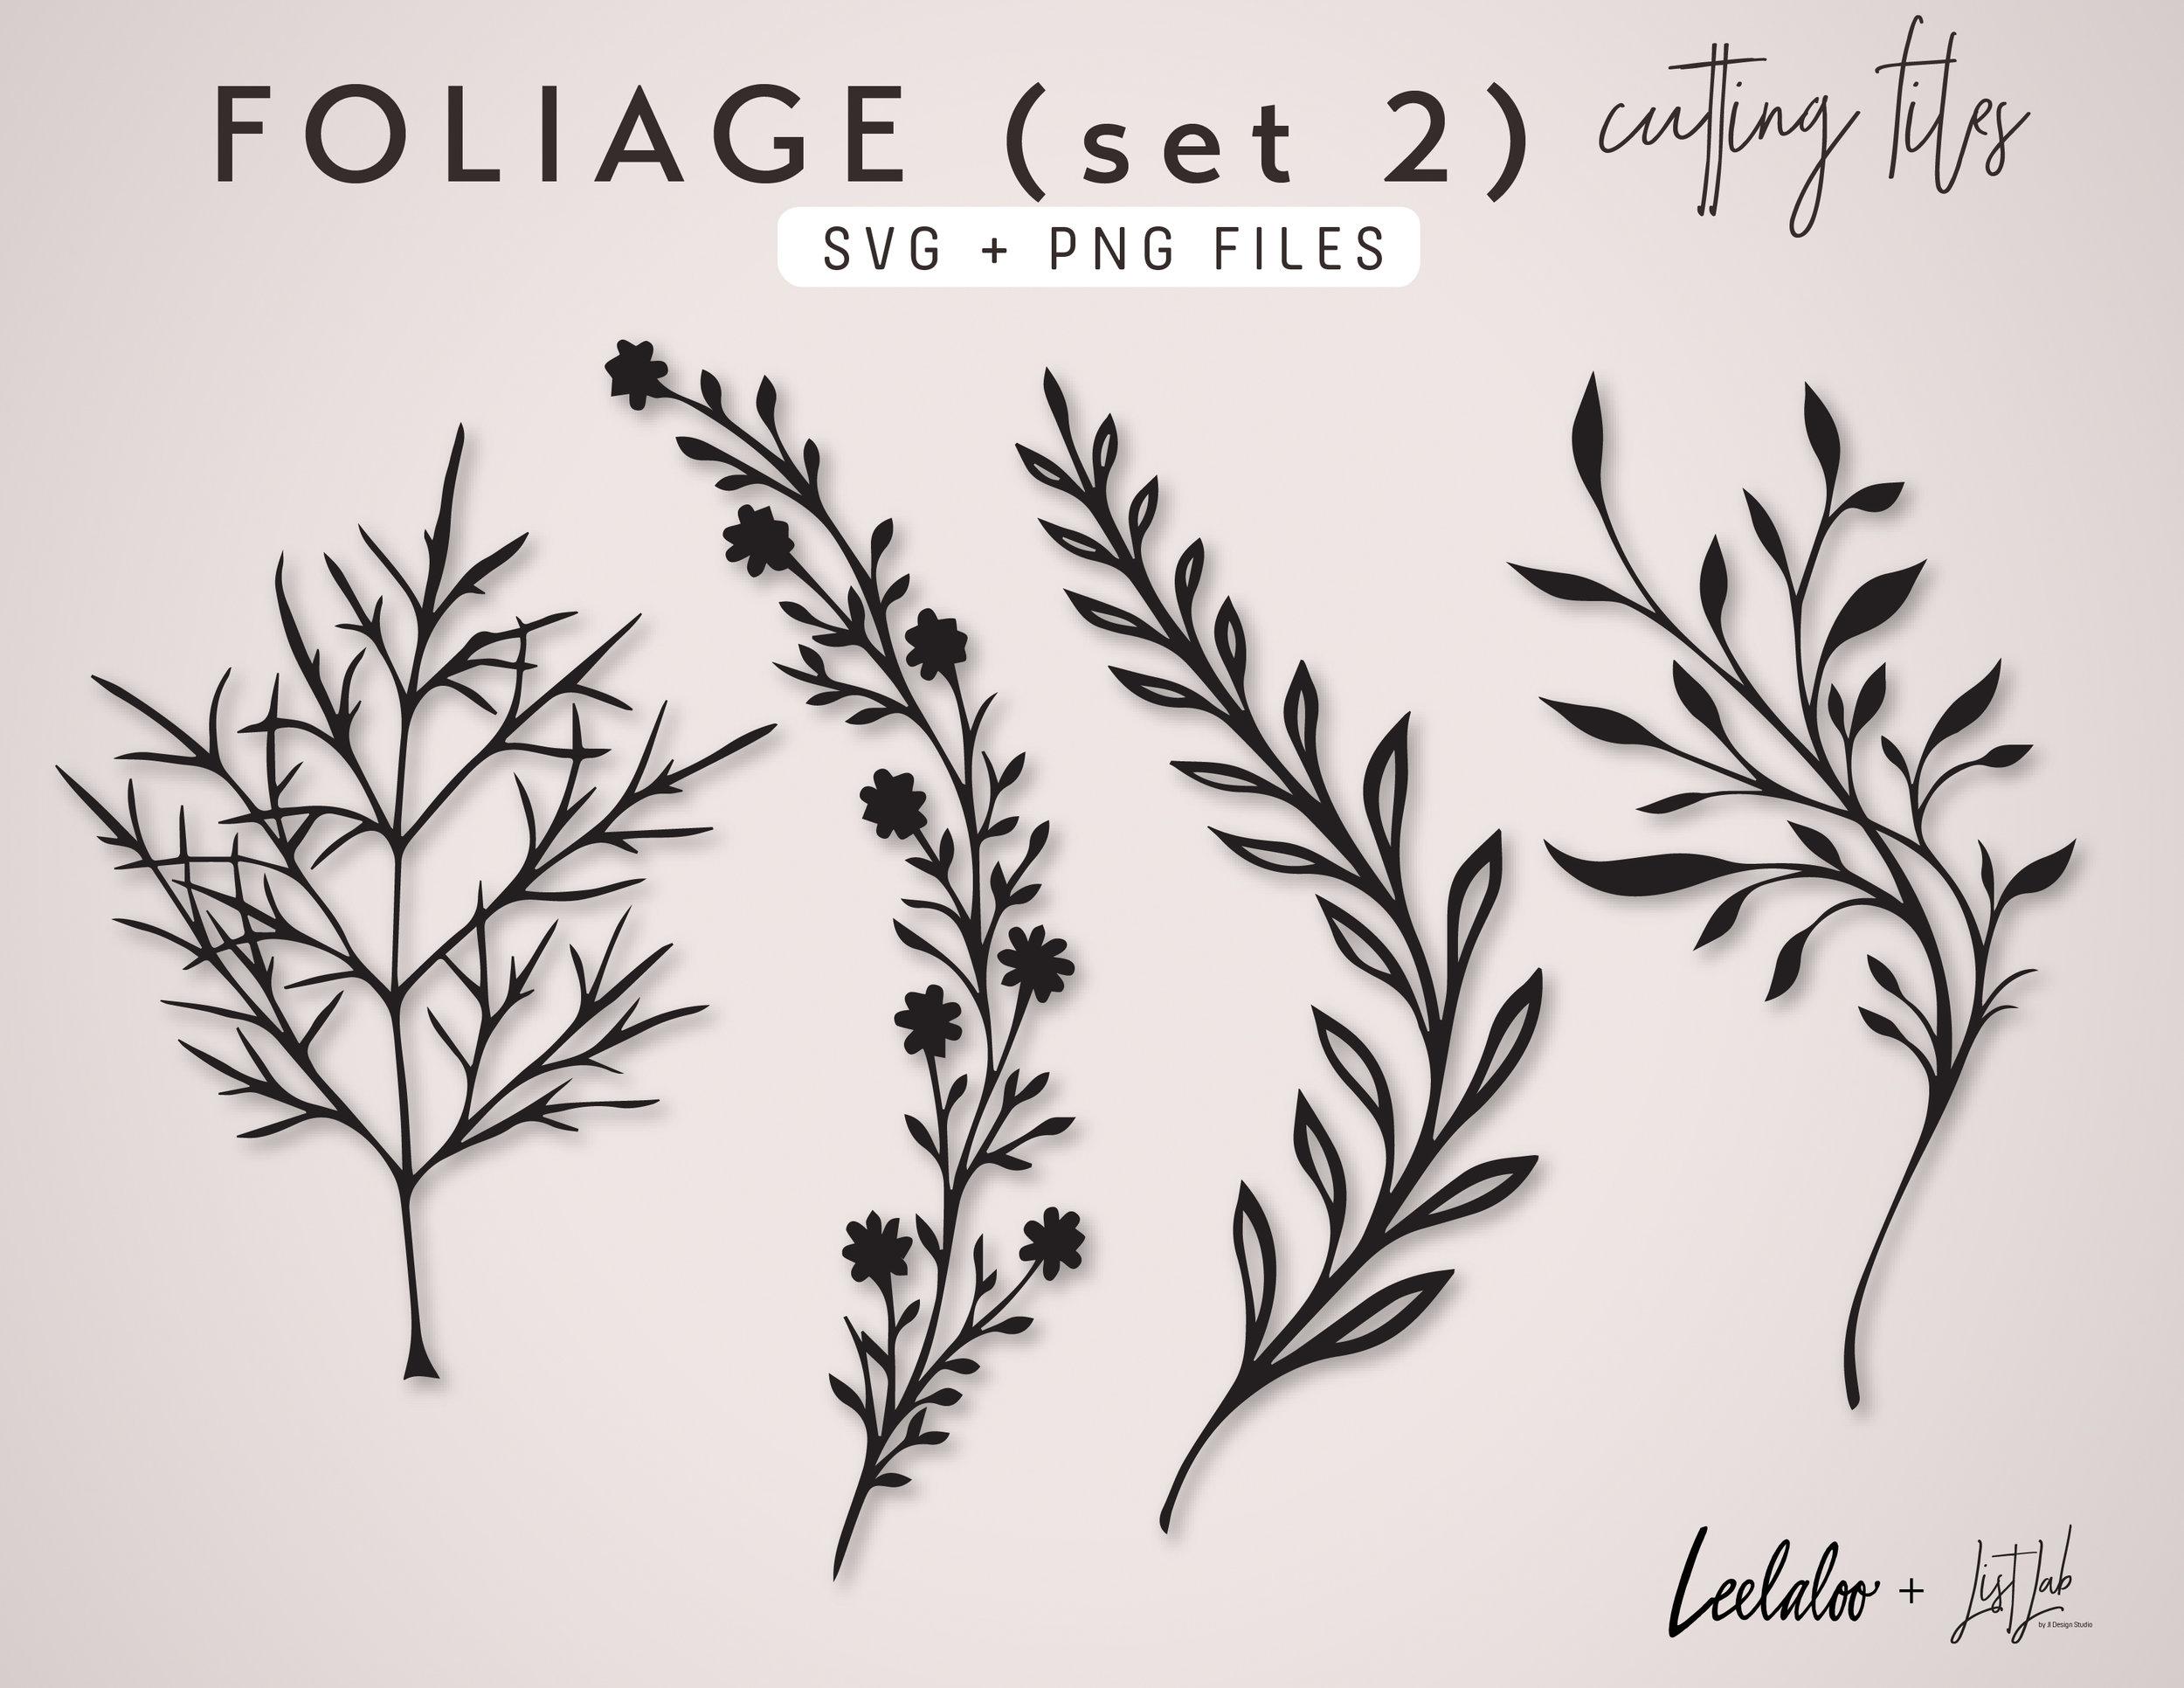 leelaloo_foliage set 2-08-09.jpg